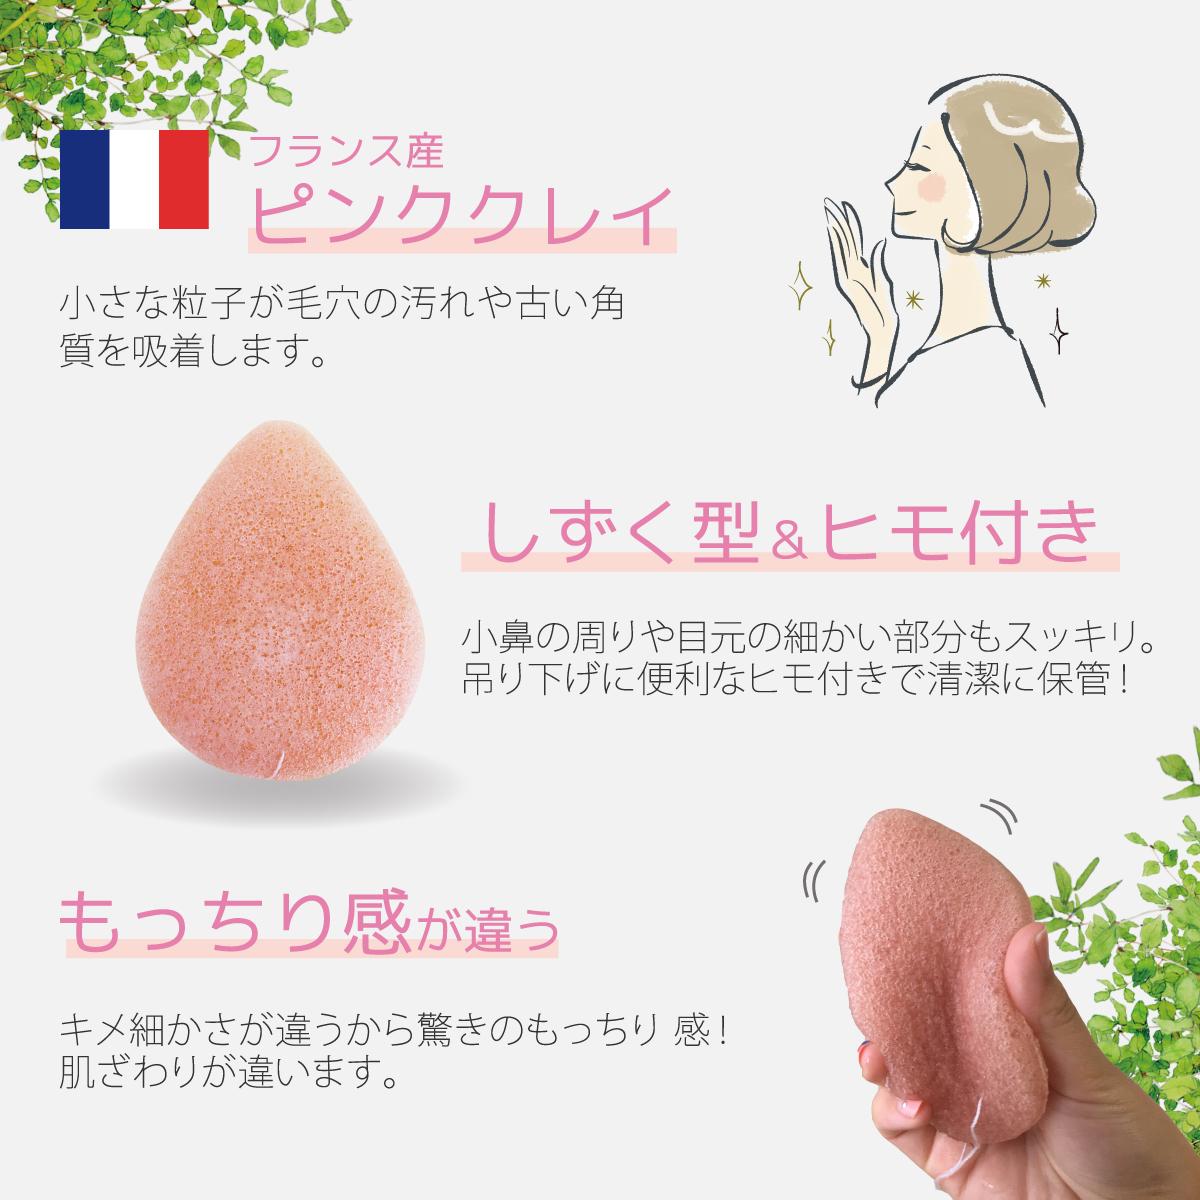 植物性こんにゃくスポンジ ピンククレイの説明